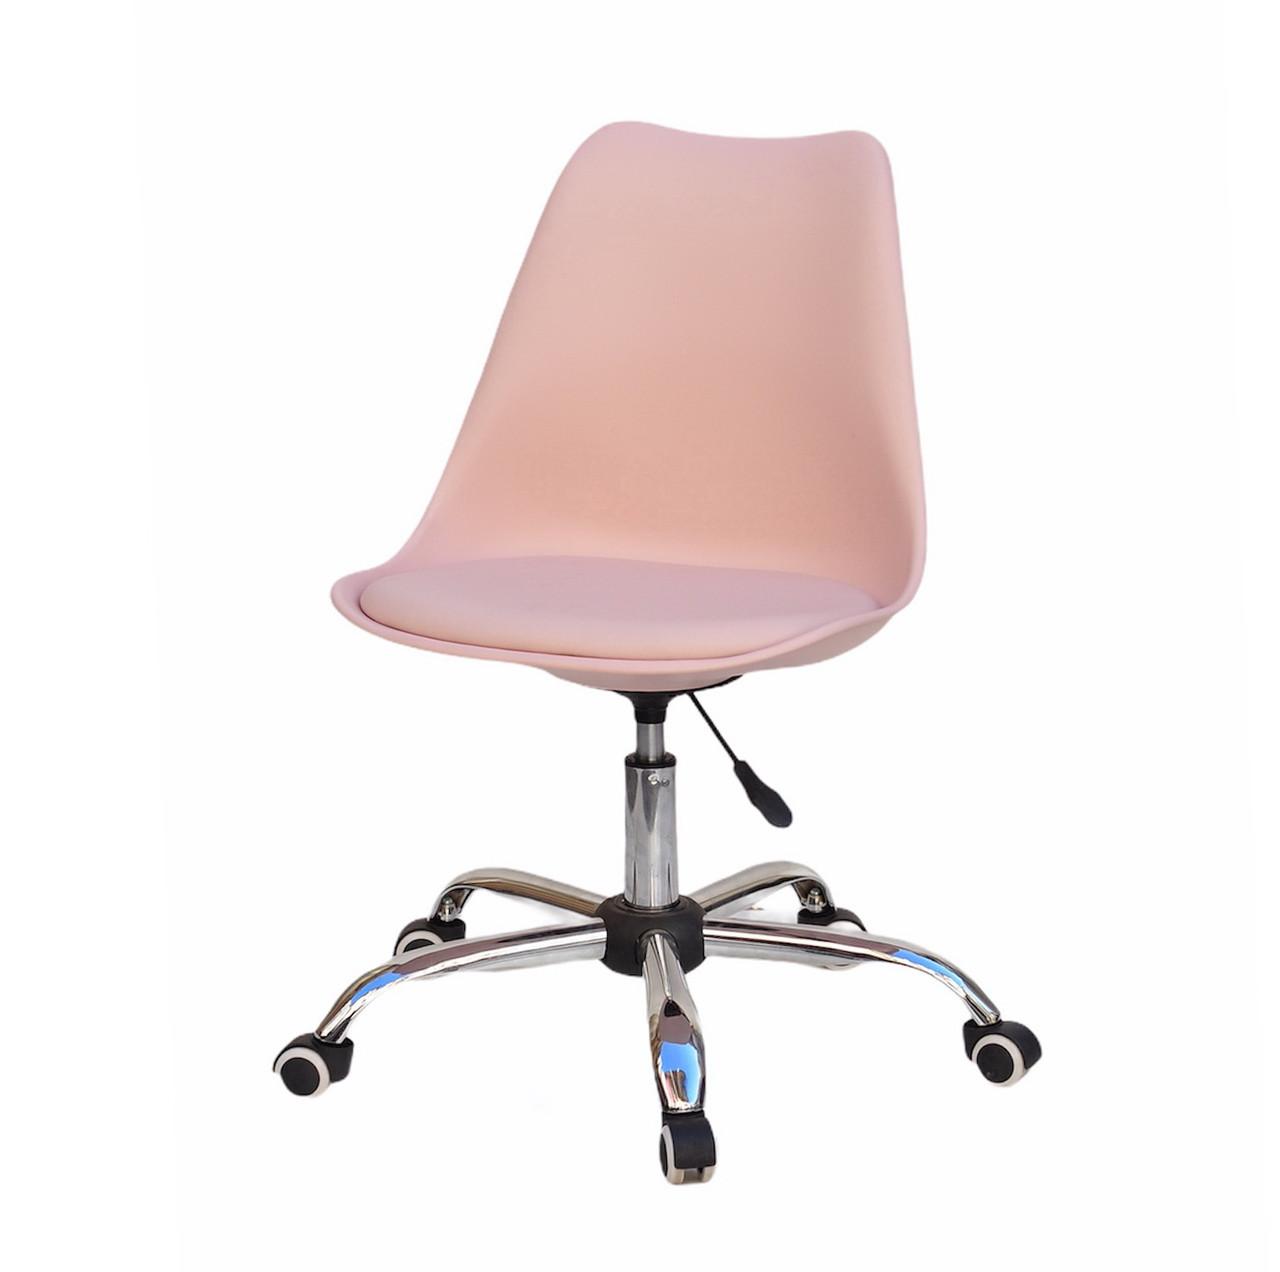 Офисный пластиковый стул  Milan Office, розовый 63